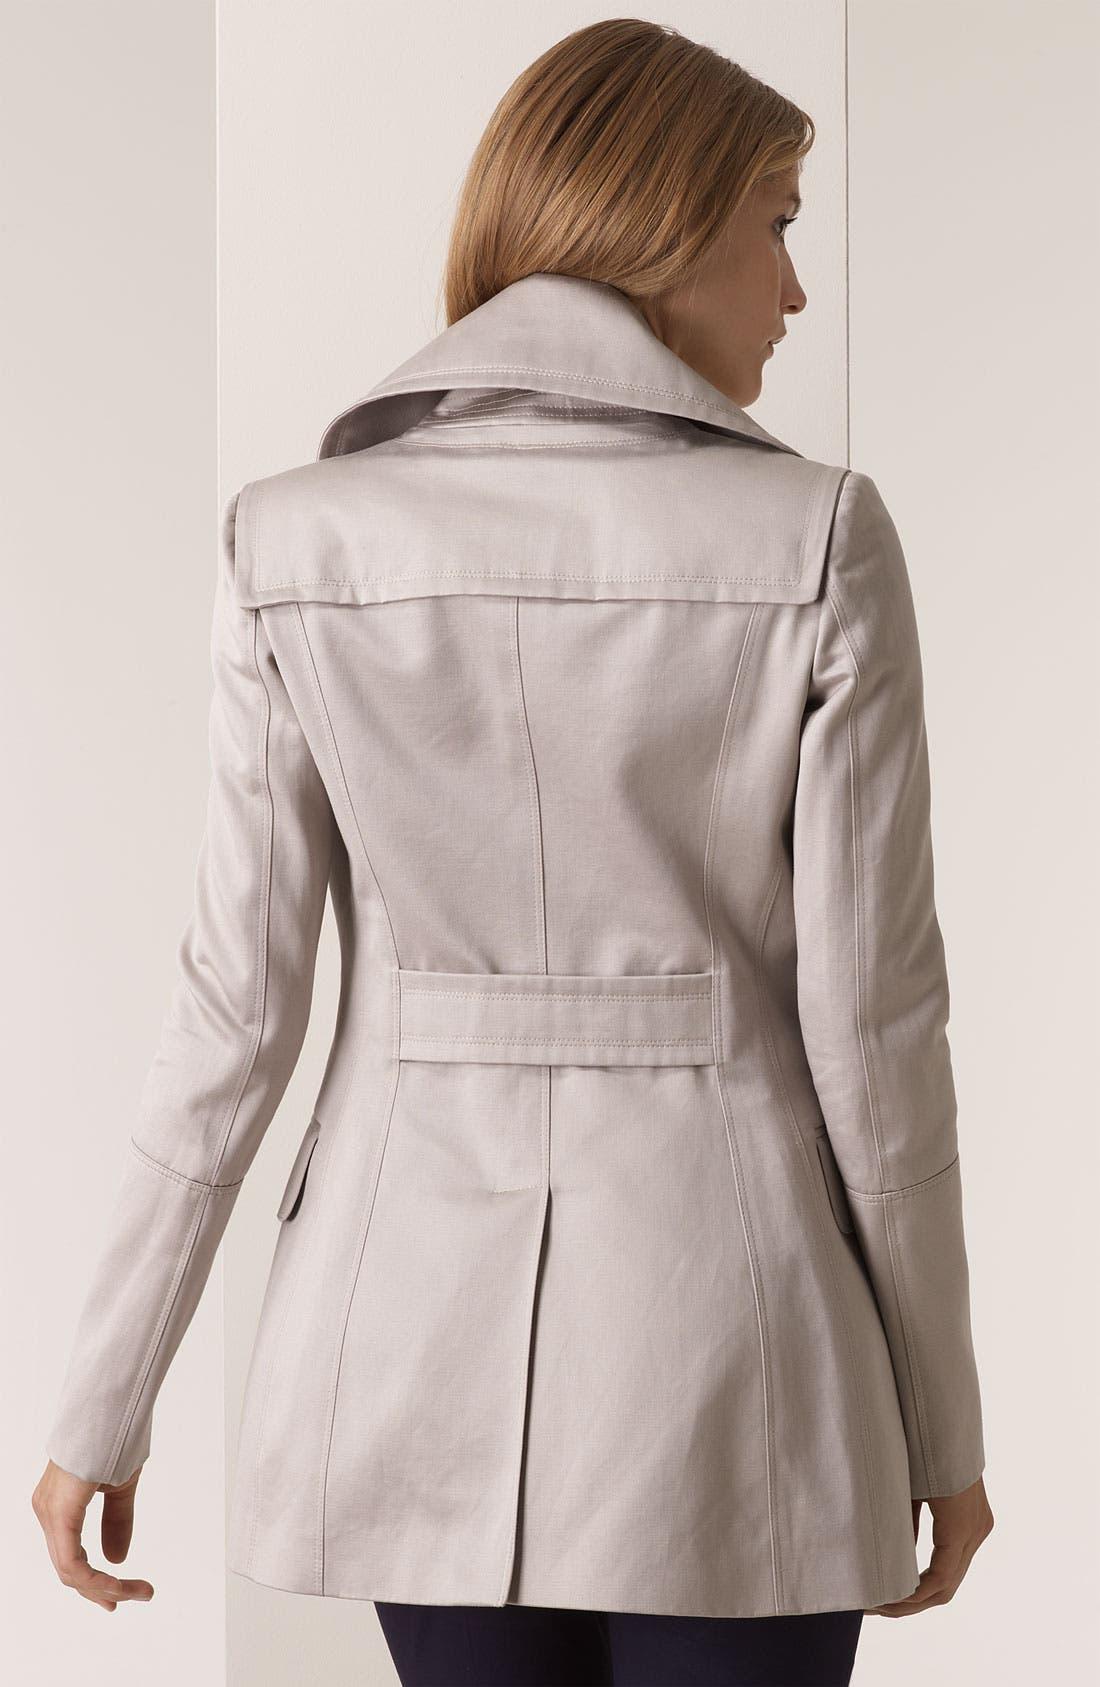 BURBERRY PRORSUM,                             Cotton Sateen Coat,                             Alternate thumbnail 2, color,                             250